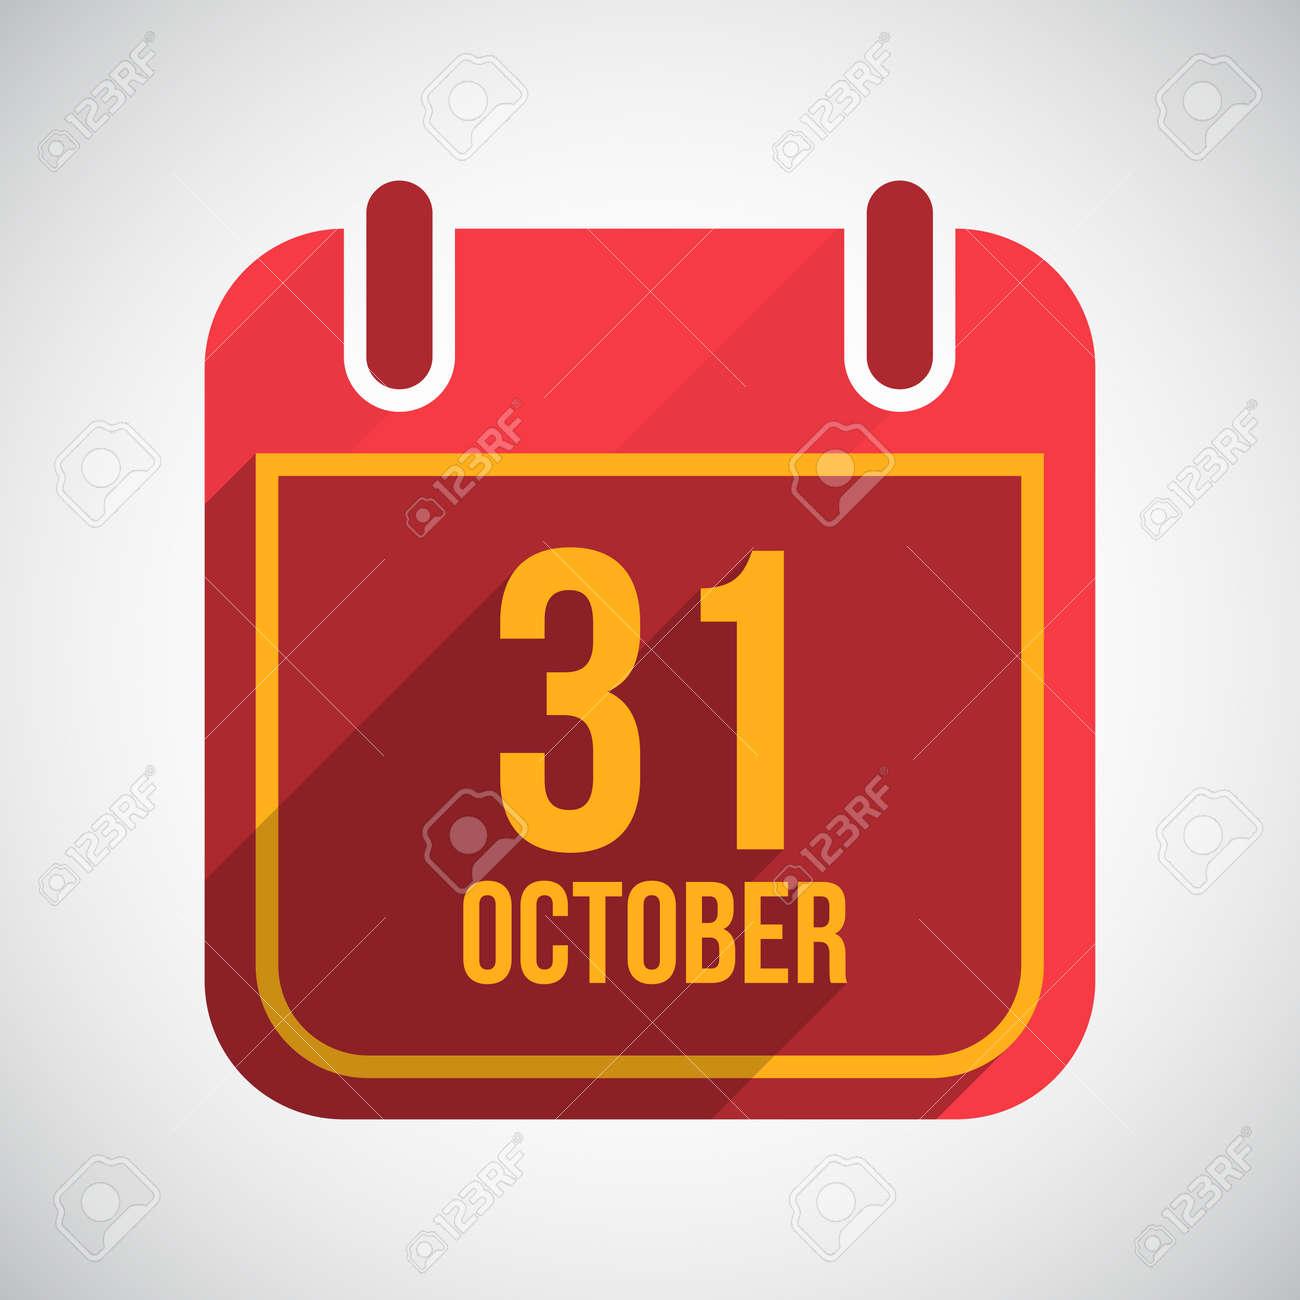 Calendar 31 October. Flat calendar icon with long shadow. Stock Vector - 22709151